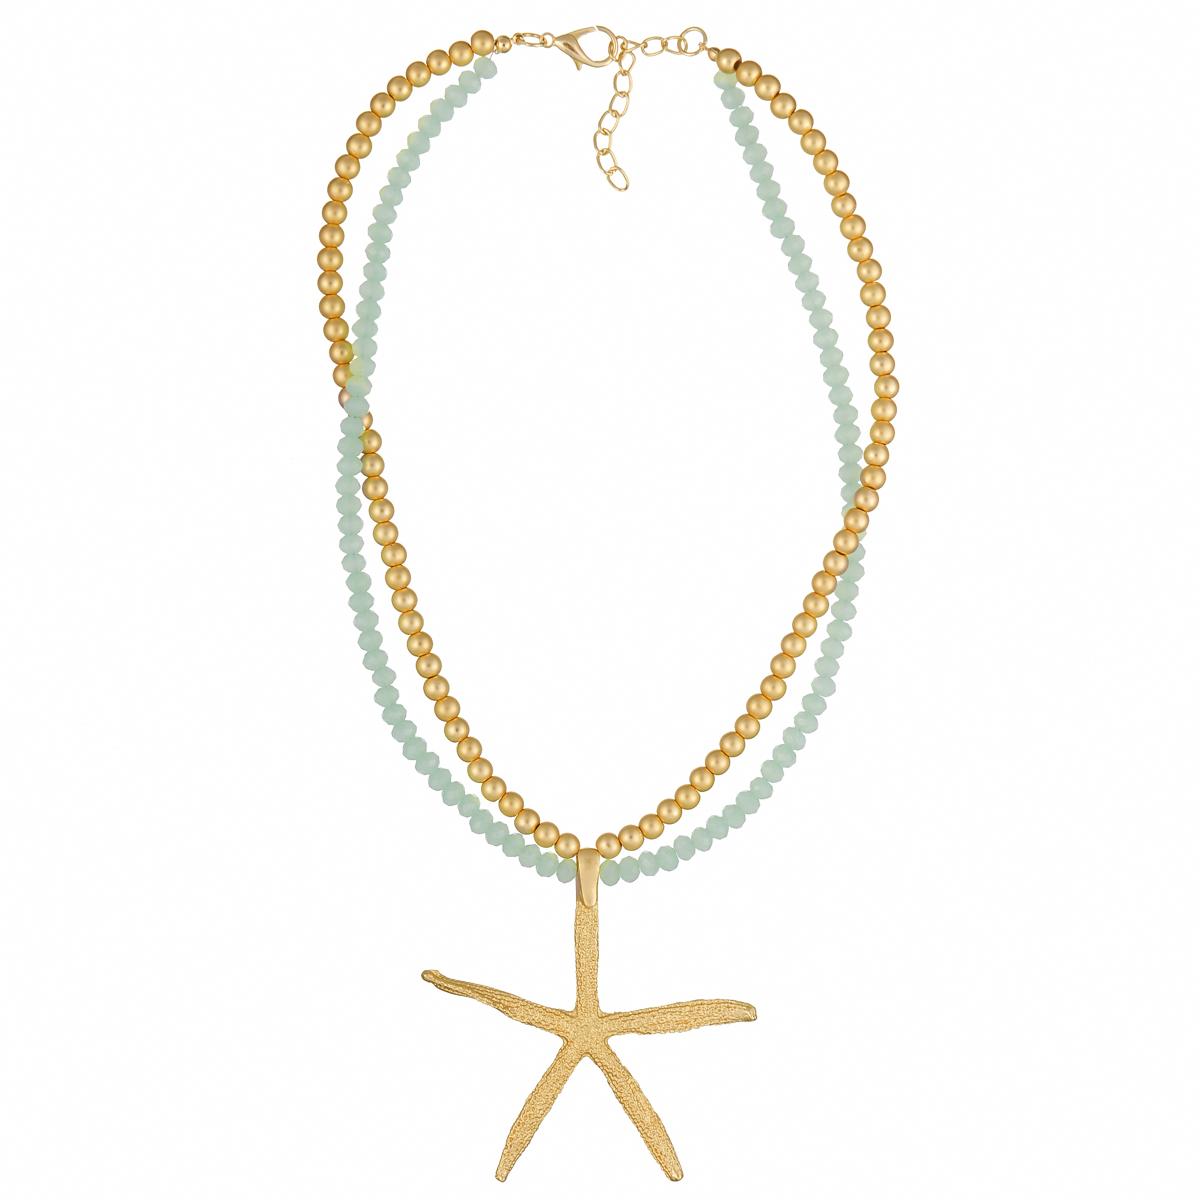 Ожерелье Модные истории, цвет: золотистый, мятный. 12/096912-0969Оригинальное ожерелье Модные истории выполнено в виде двух рядов бус. Ожерелье дополнено подвеской из металла в виде морской звезды. Изделие застегивается на замок-карабин с регулирующей длину цепочкой. Ожерелье модного дизайна поможет создать уникальный и запоминающийся образ, а также подчеркнет вашу индивидуальность.